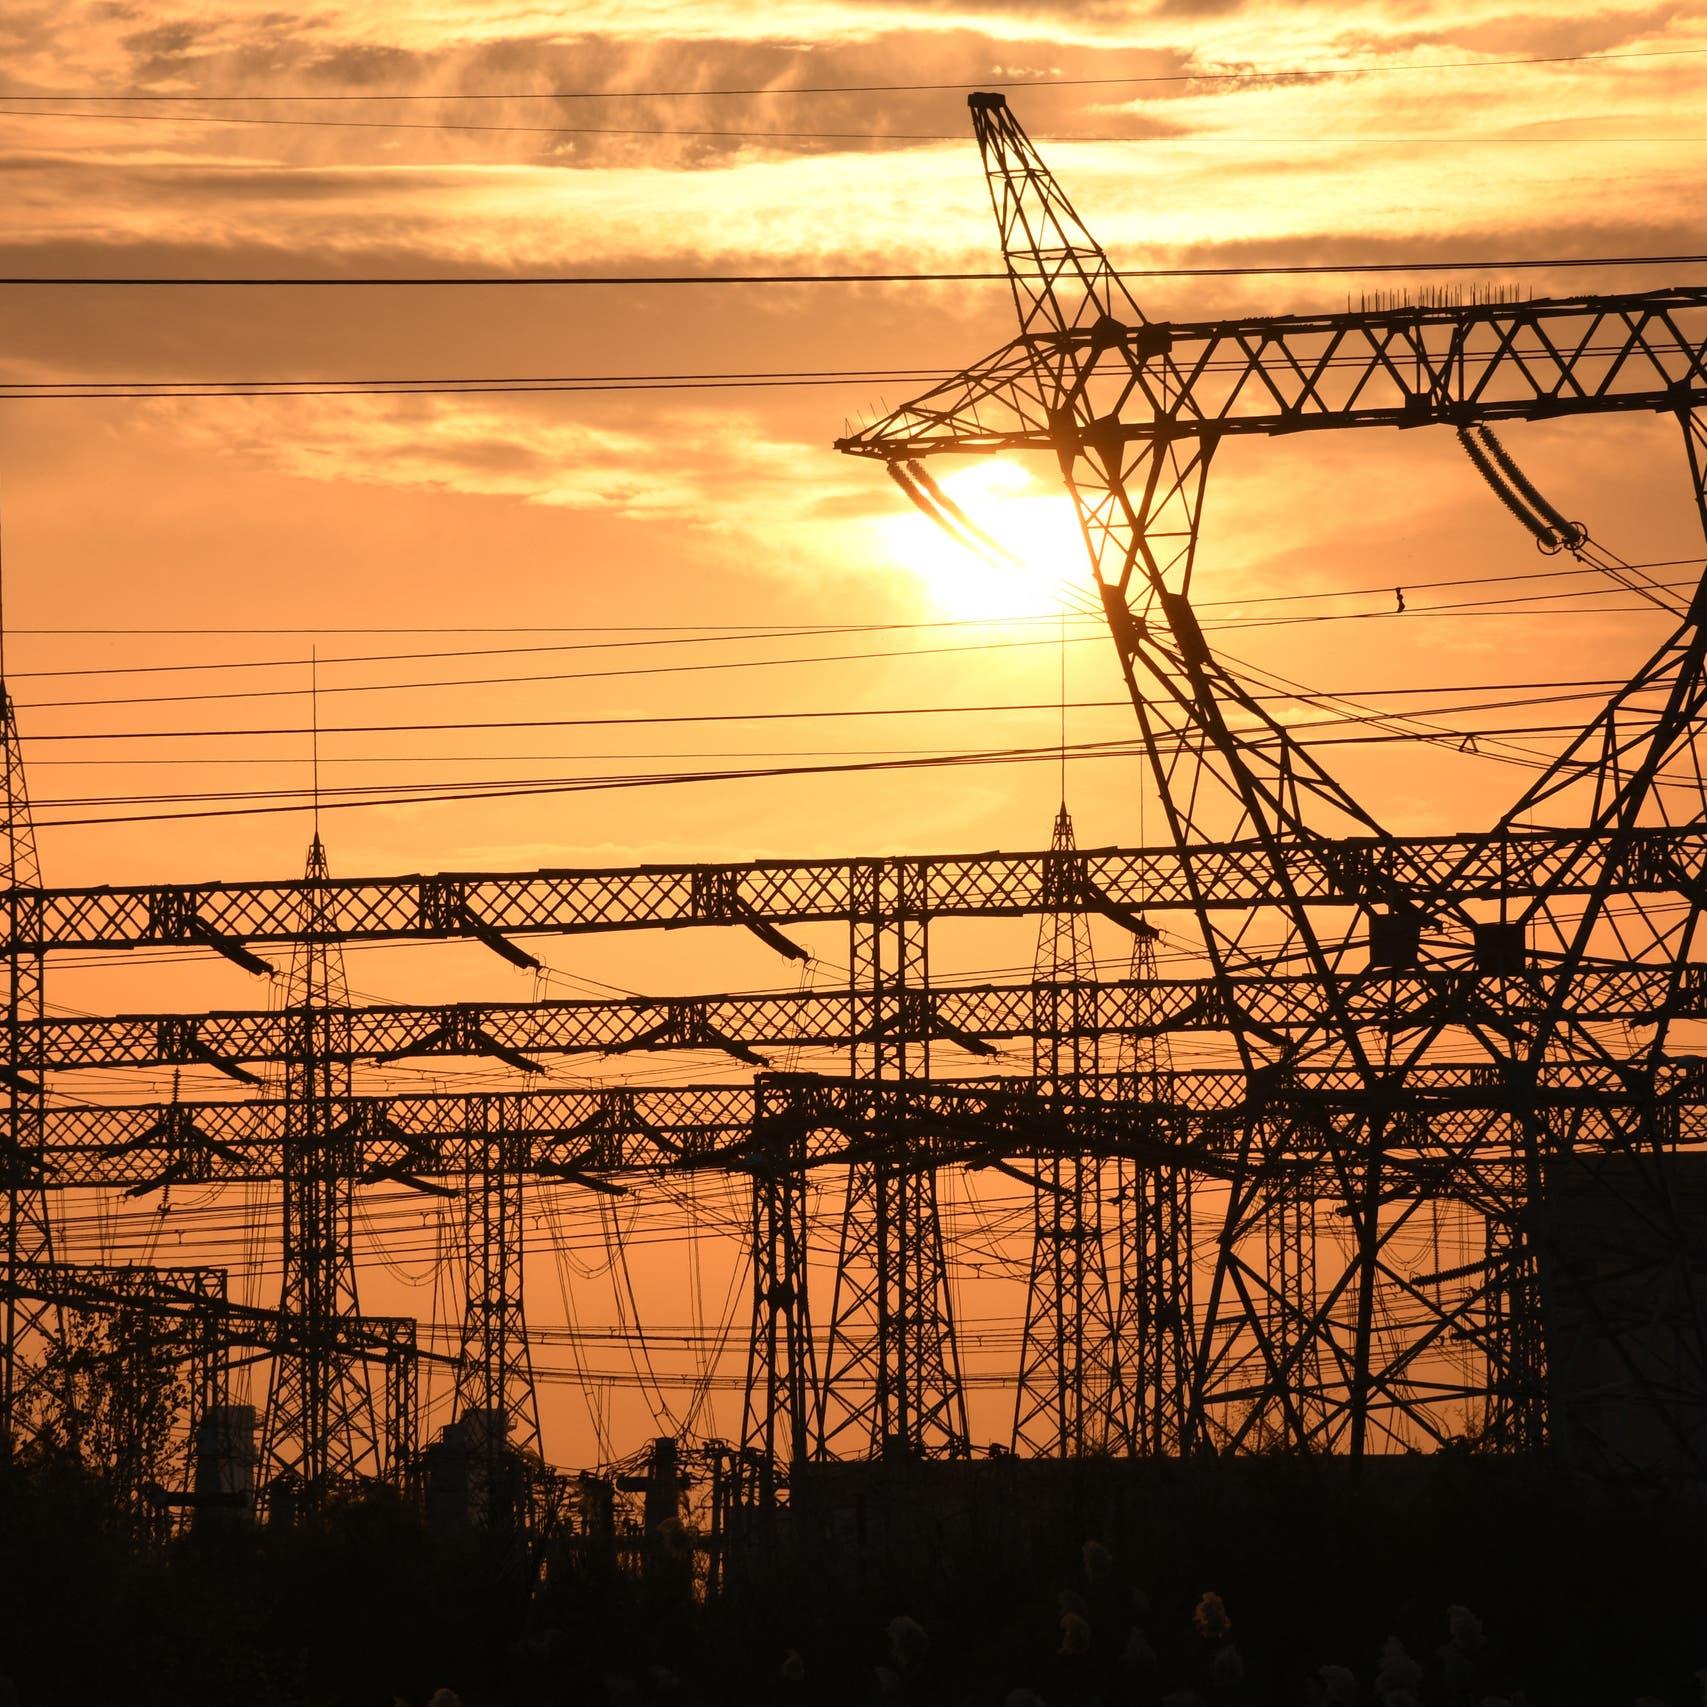 الكهرباء والحر يشعلان غضباً في العراق.. طهران توقف الامداد